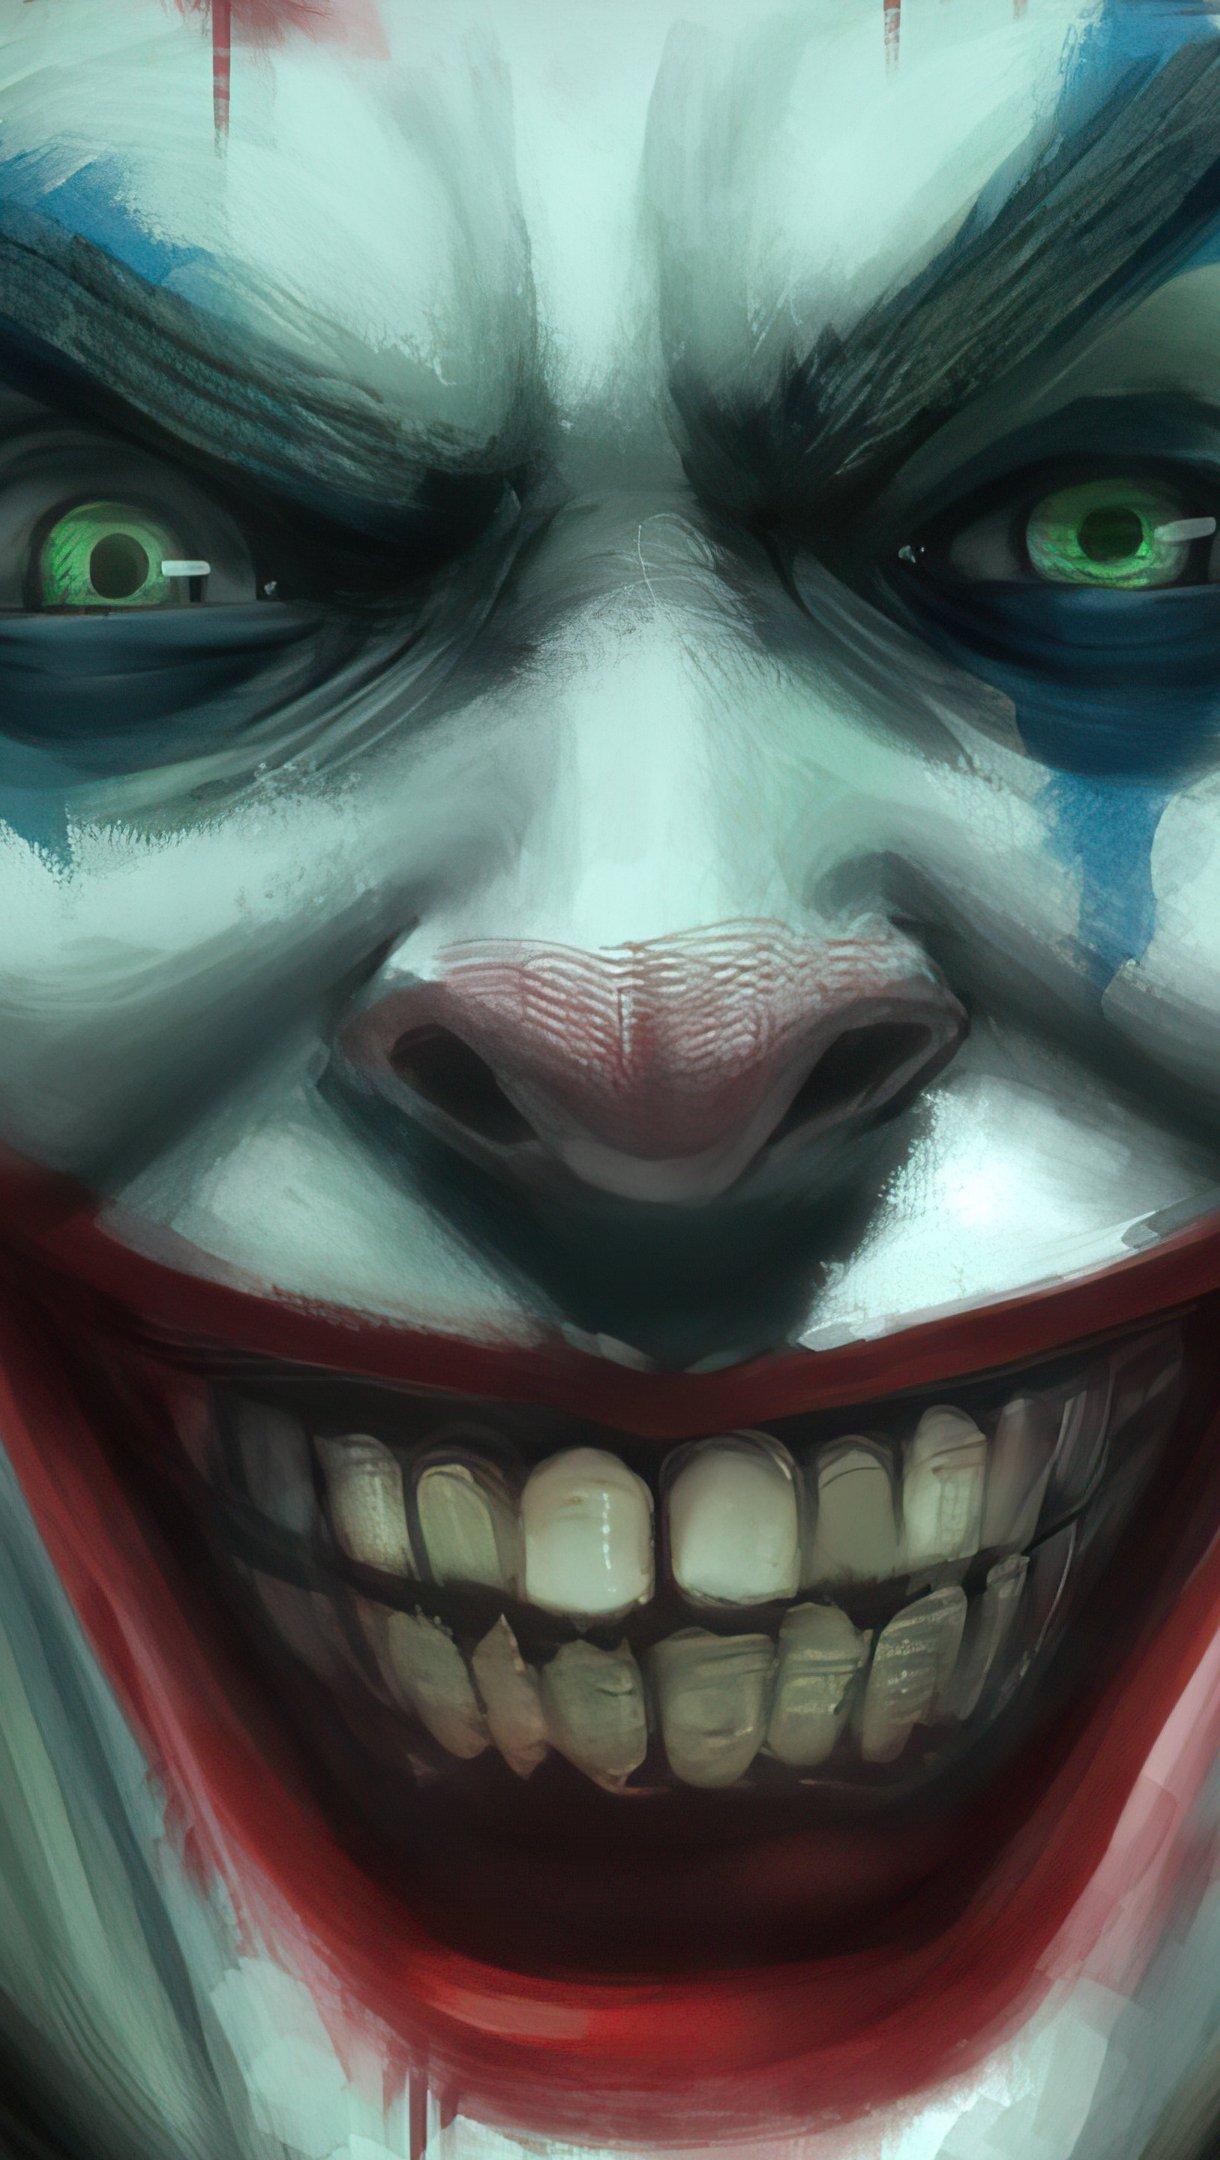 Wallpaper Joker's smile Vertical